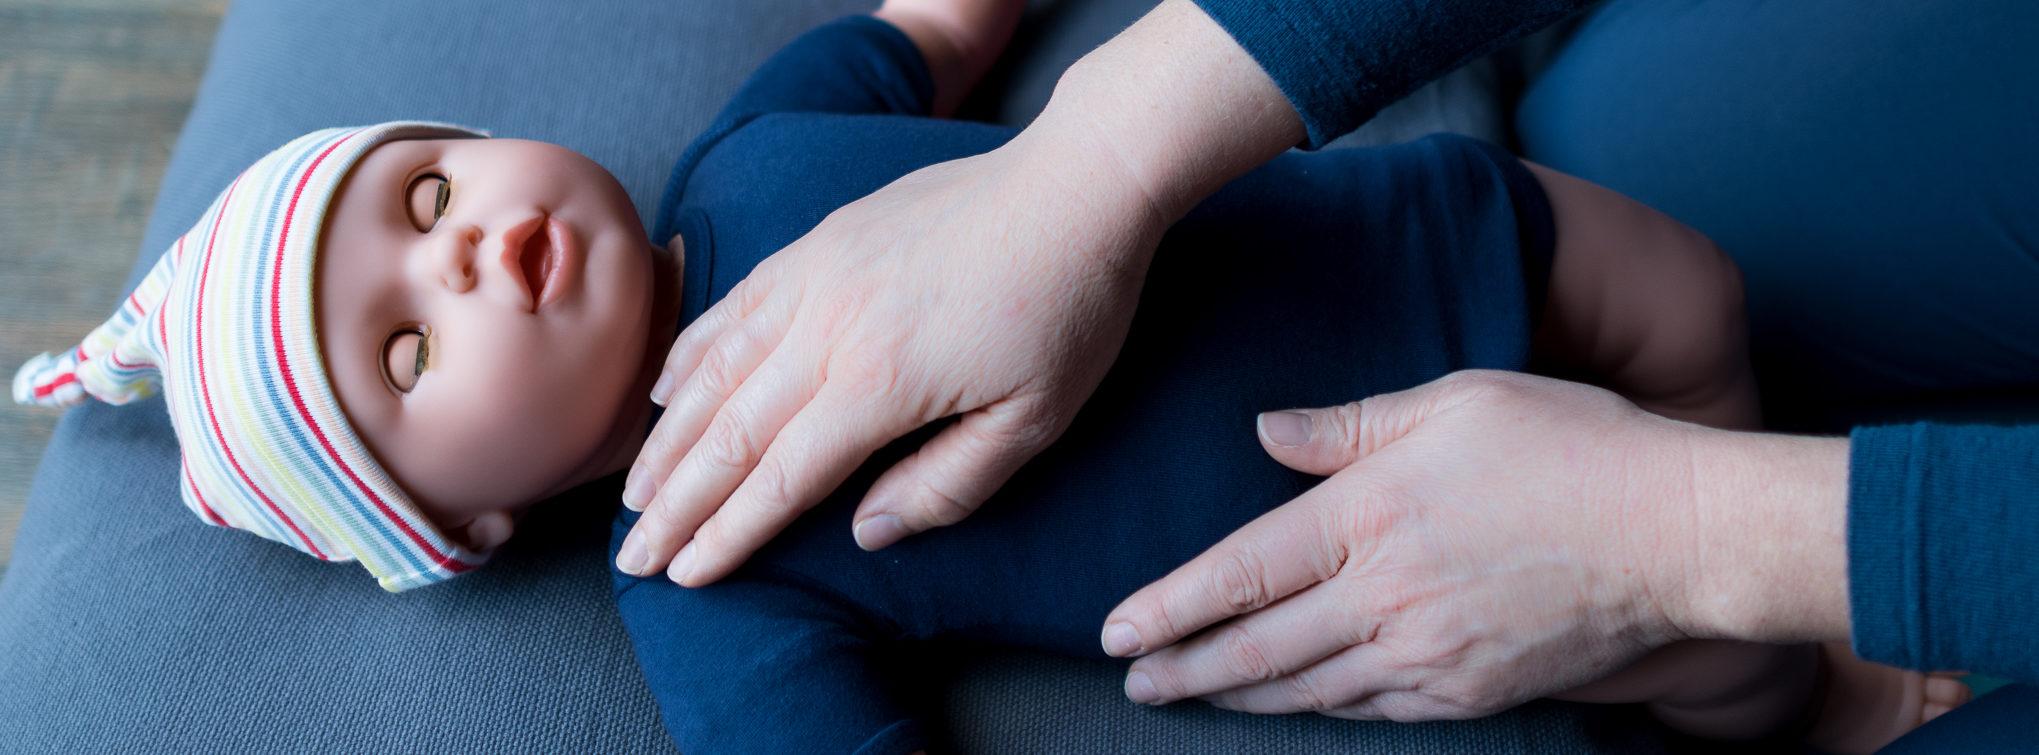 de-massagebeleving